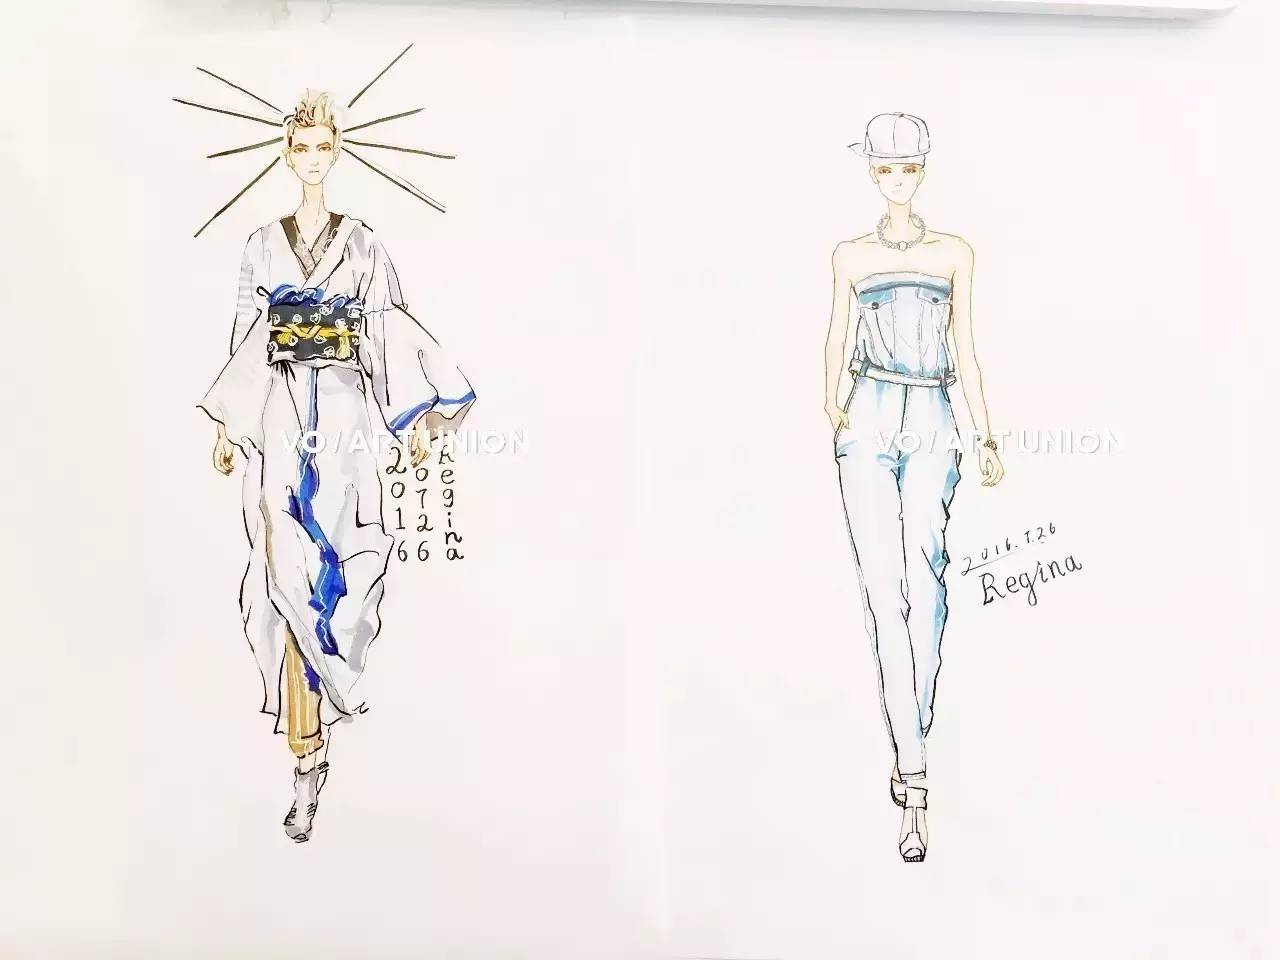 课程| 服装手绘效果图 四大亮点 大神玩转新颖艺术形式